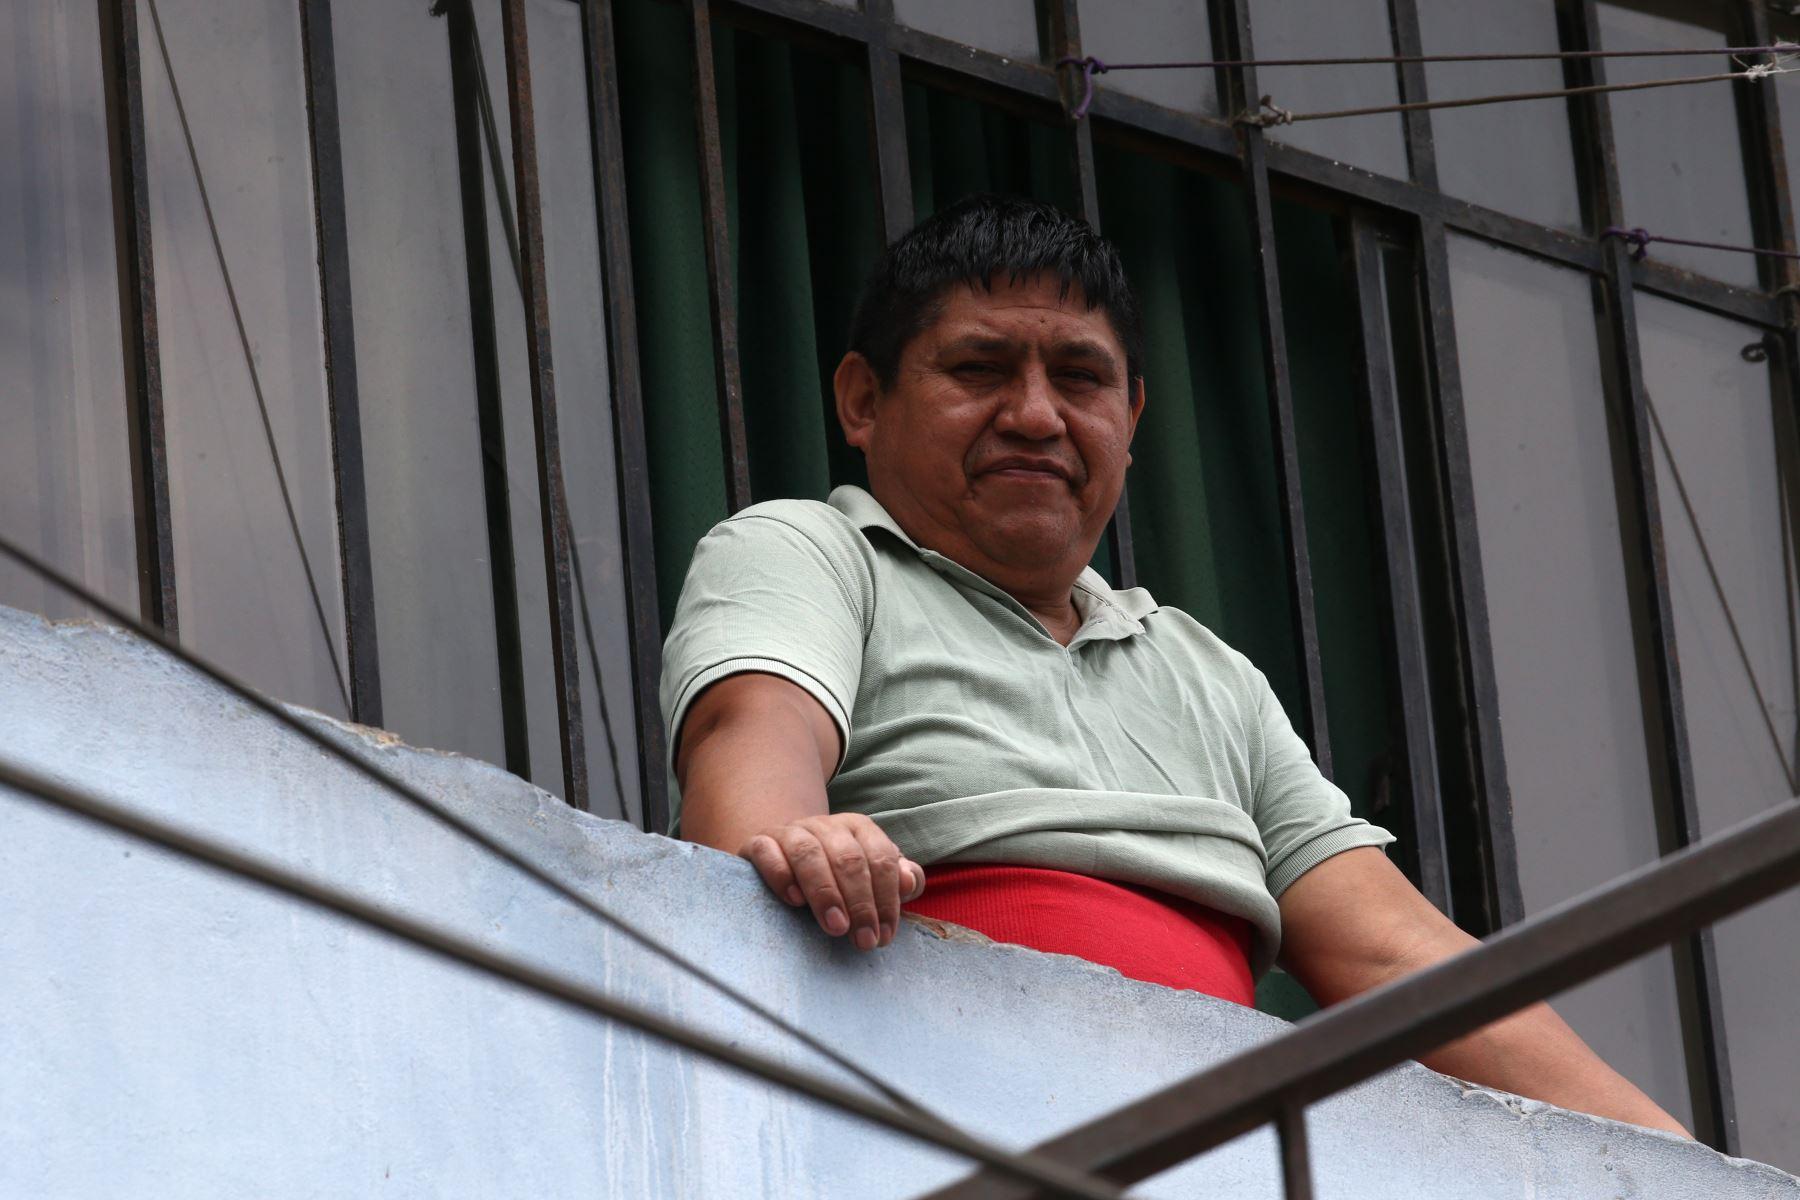 Pobladores del Cerro San Cristobal acatan el aislamiento social  durante el día 11 de Estado de Emergencia decretado por el Jefe de Estado en prevención del Covid-19. Foto: ANDINA/Vidal Tarqui